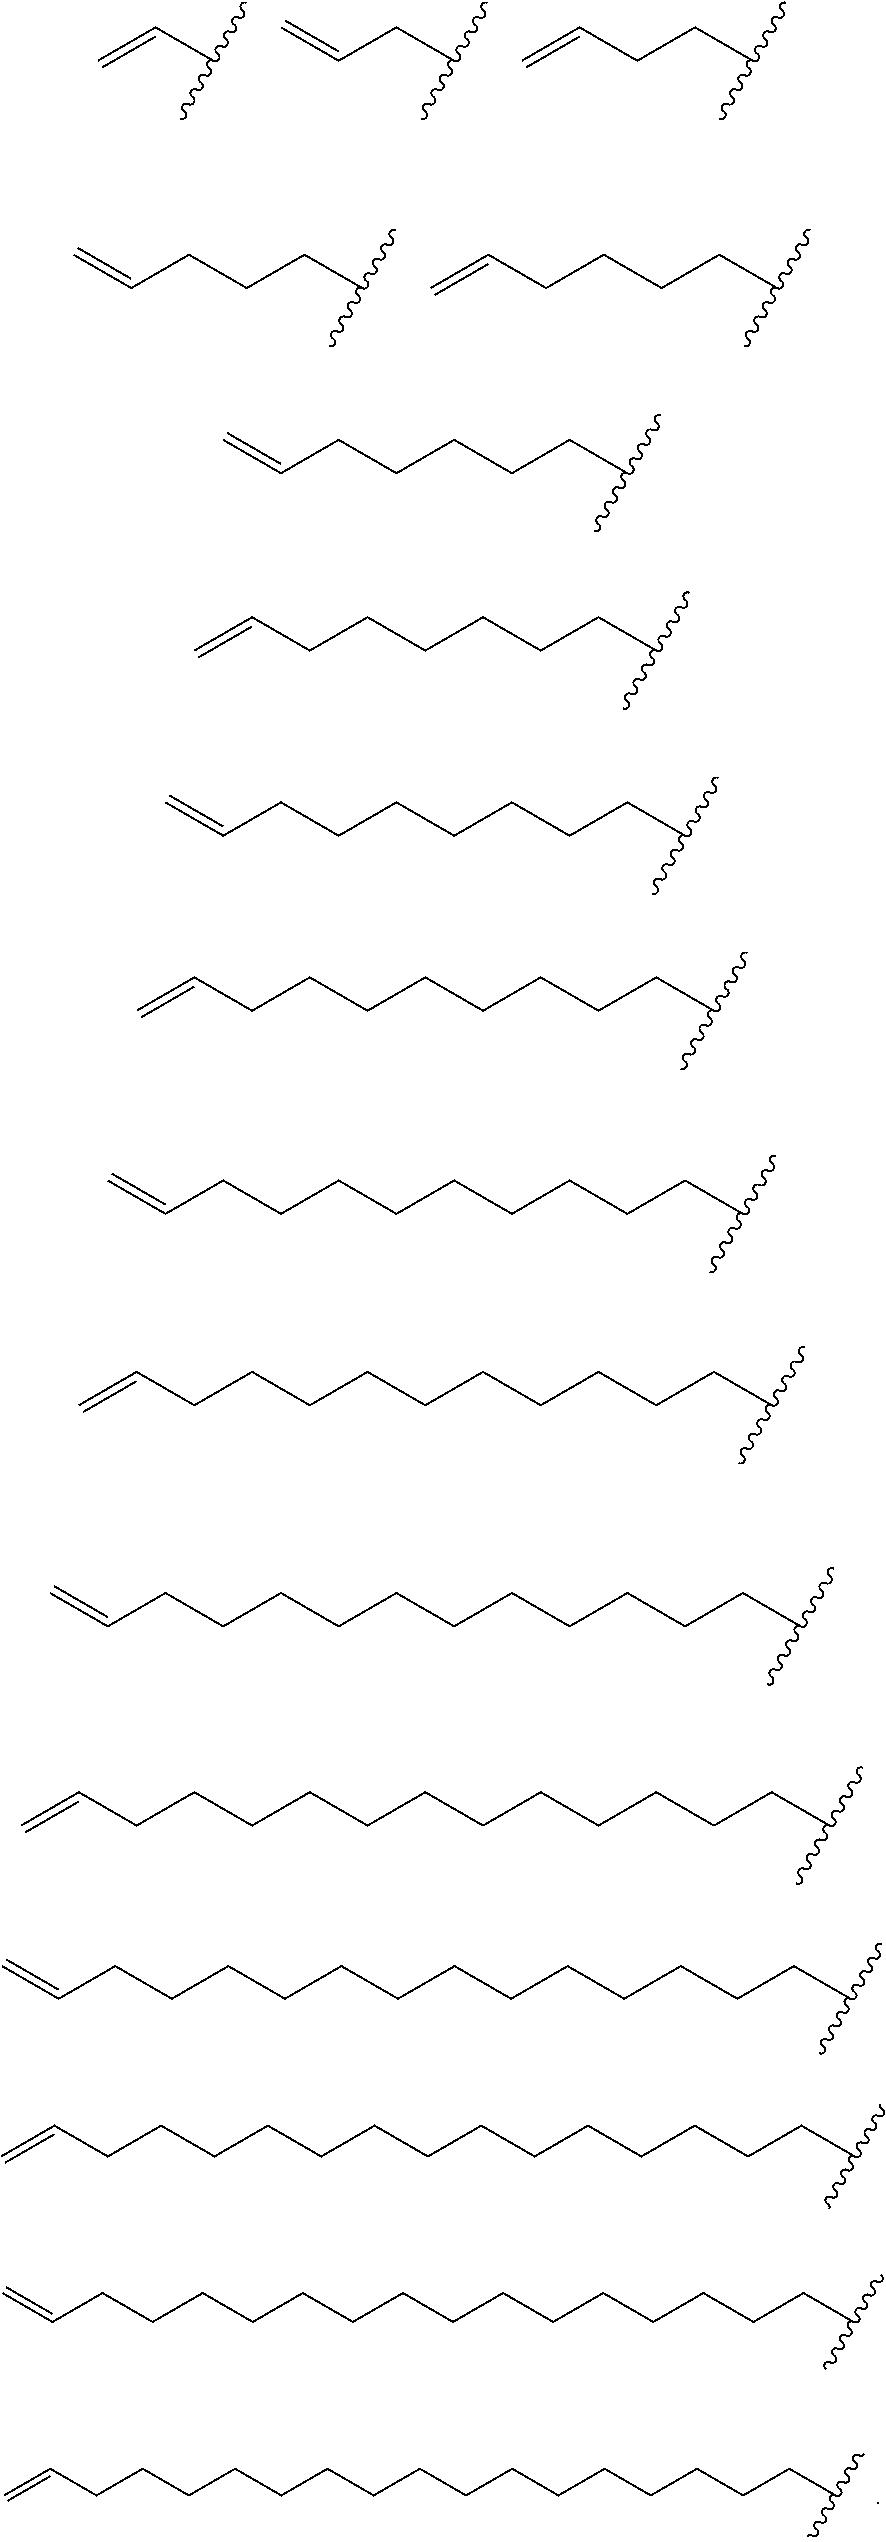 Figure US08969353-20150303-C00254